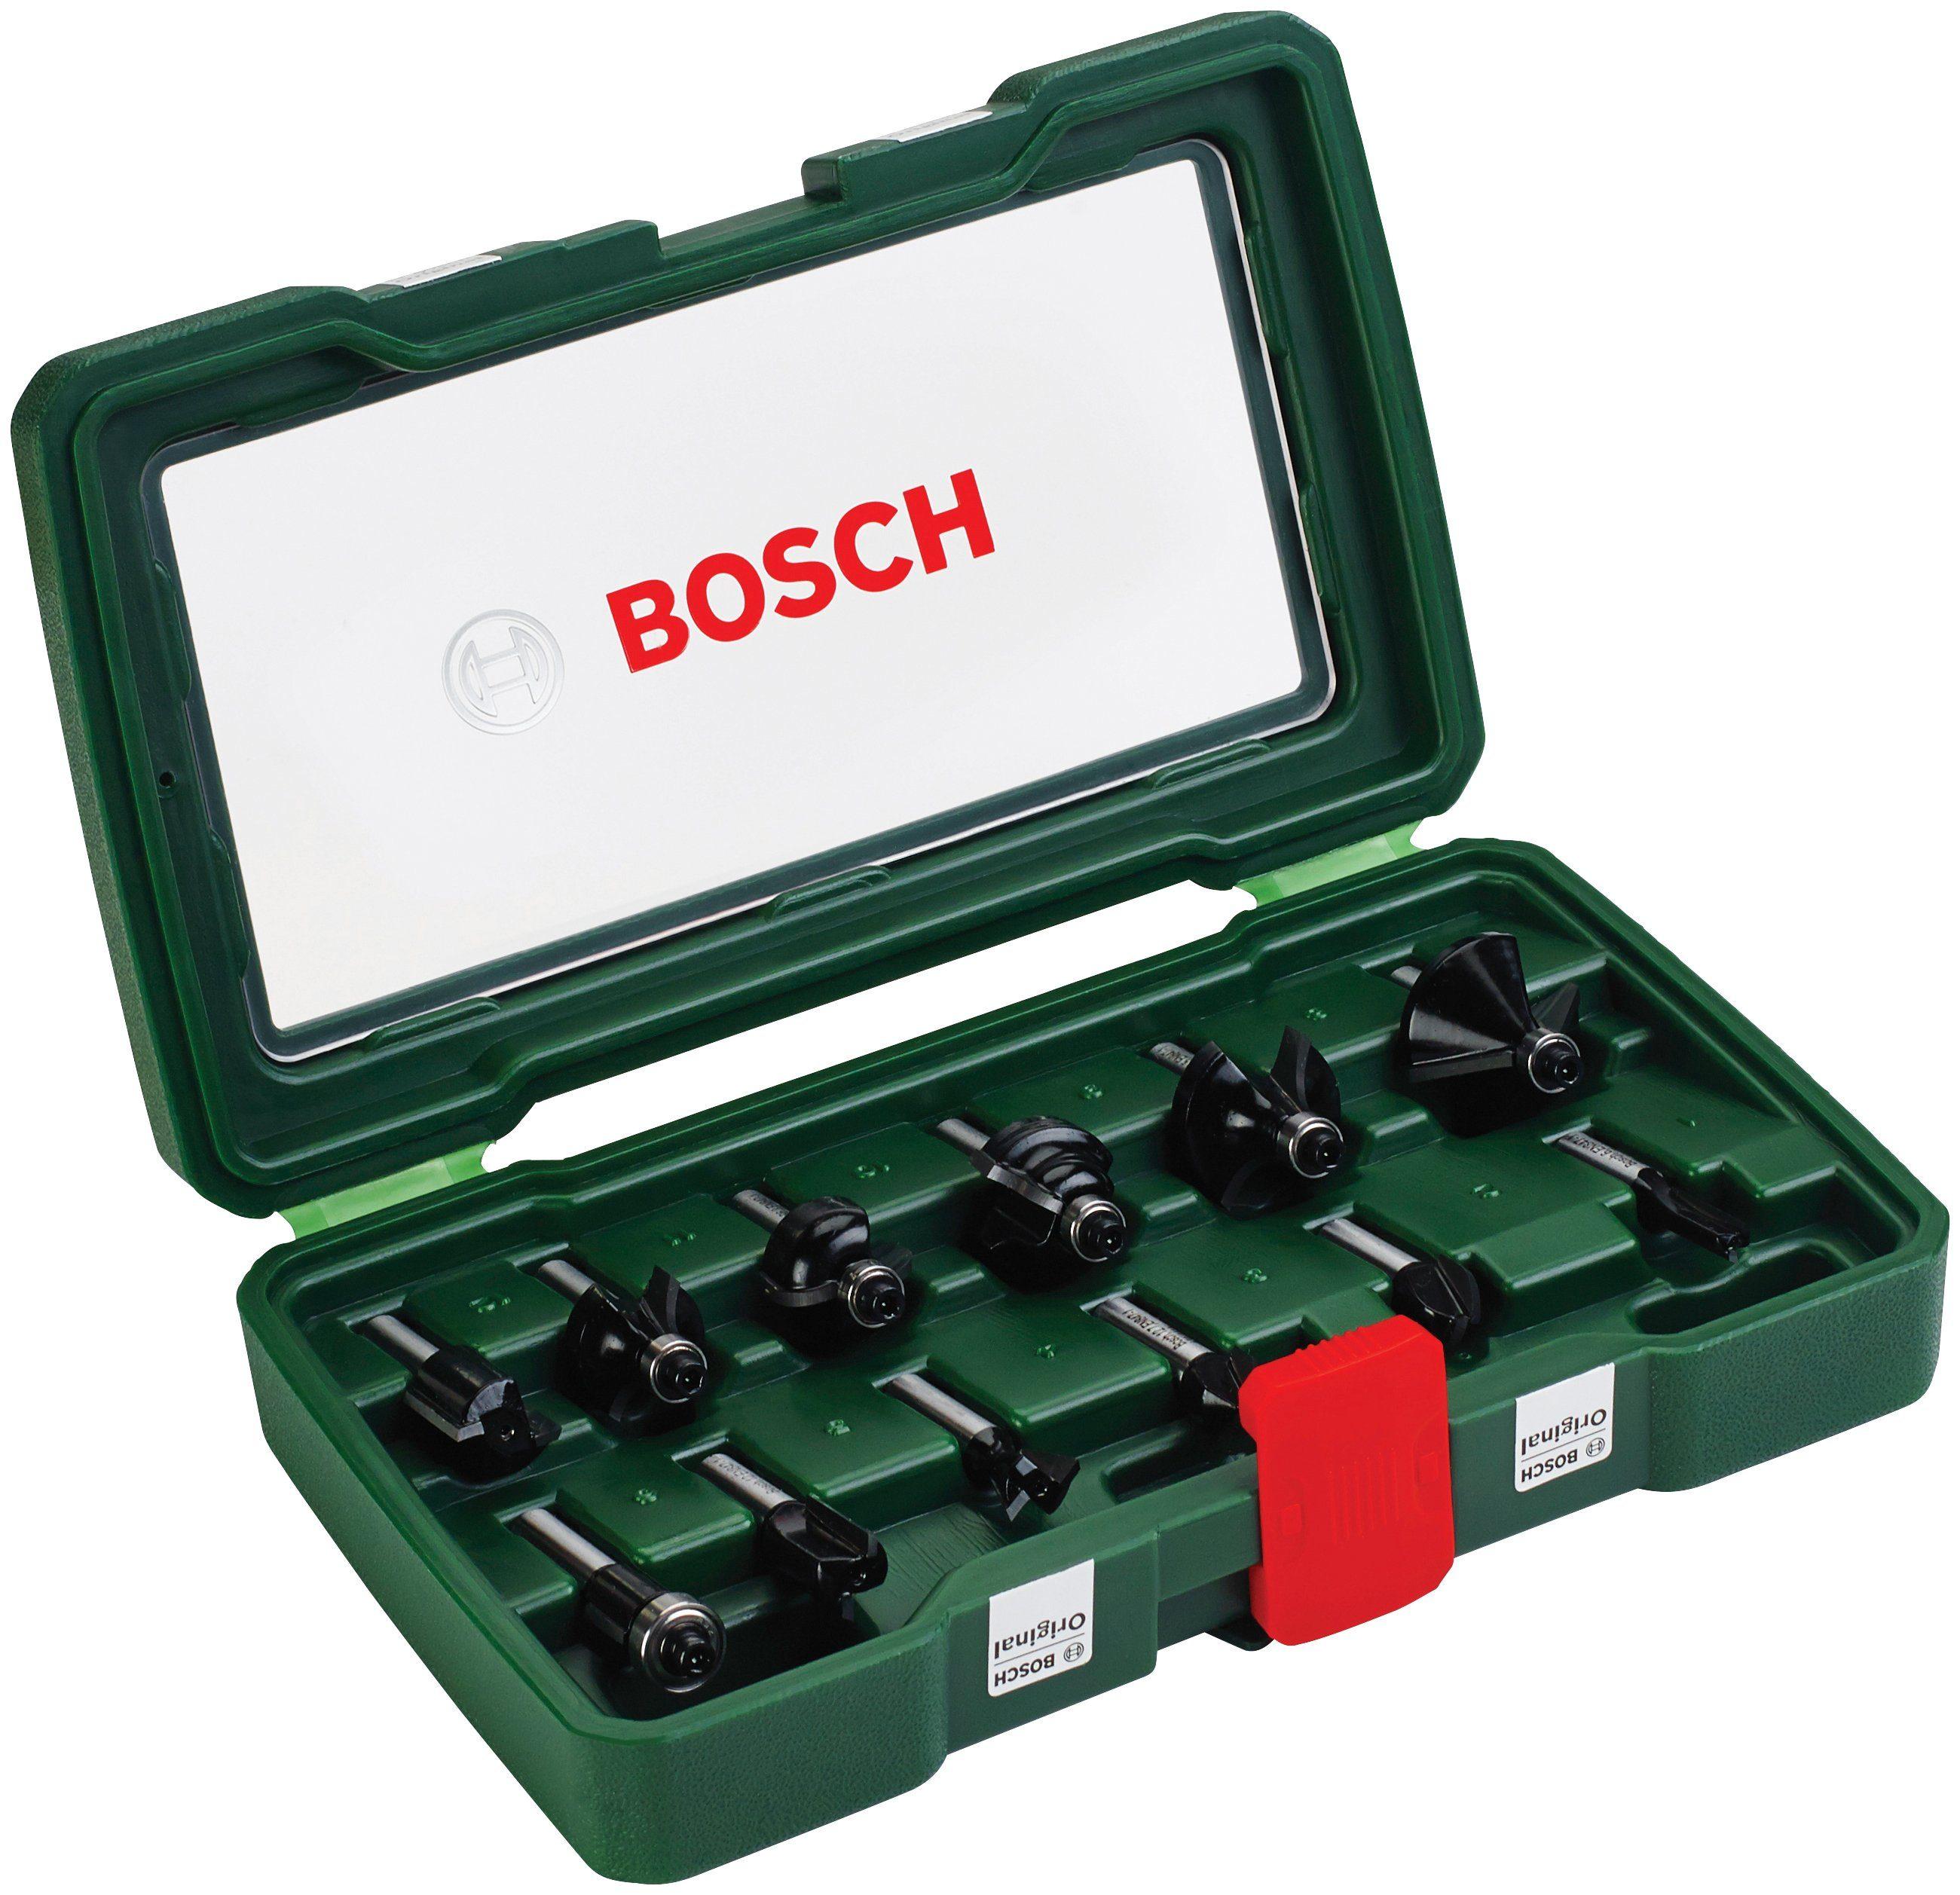 BOSCH Fräser-Set , 12-tlg., 8 mm Schaft